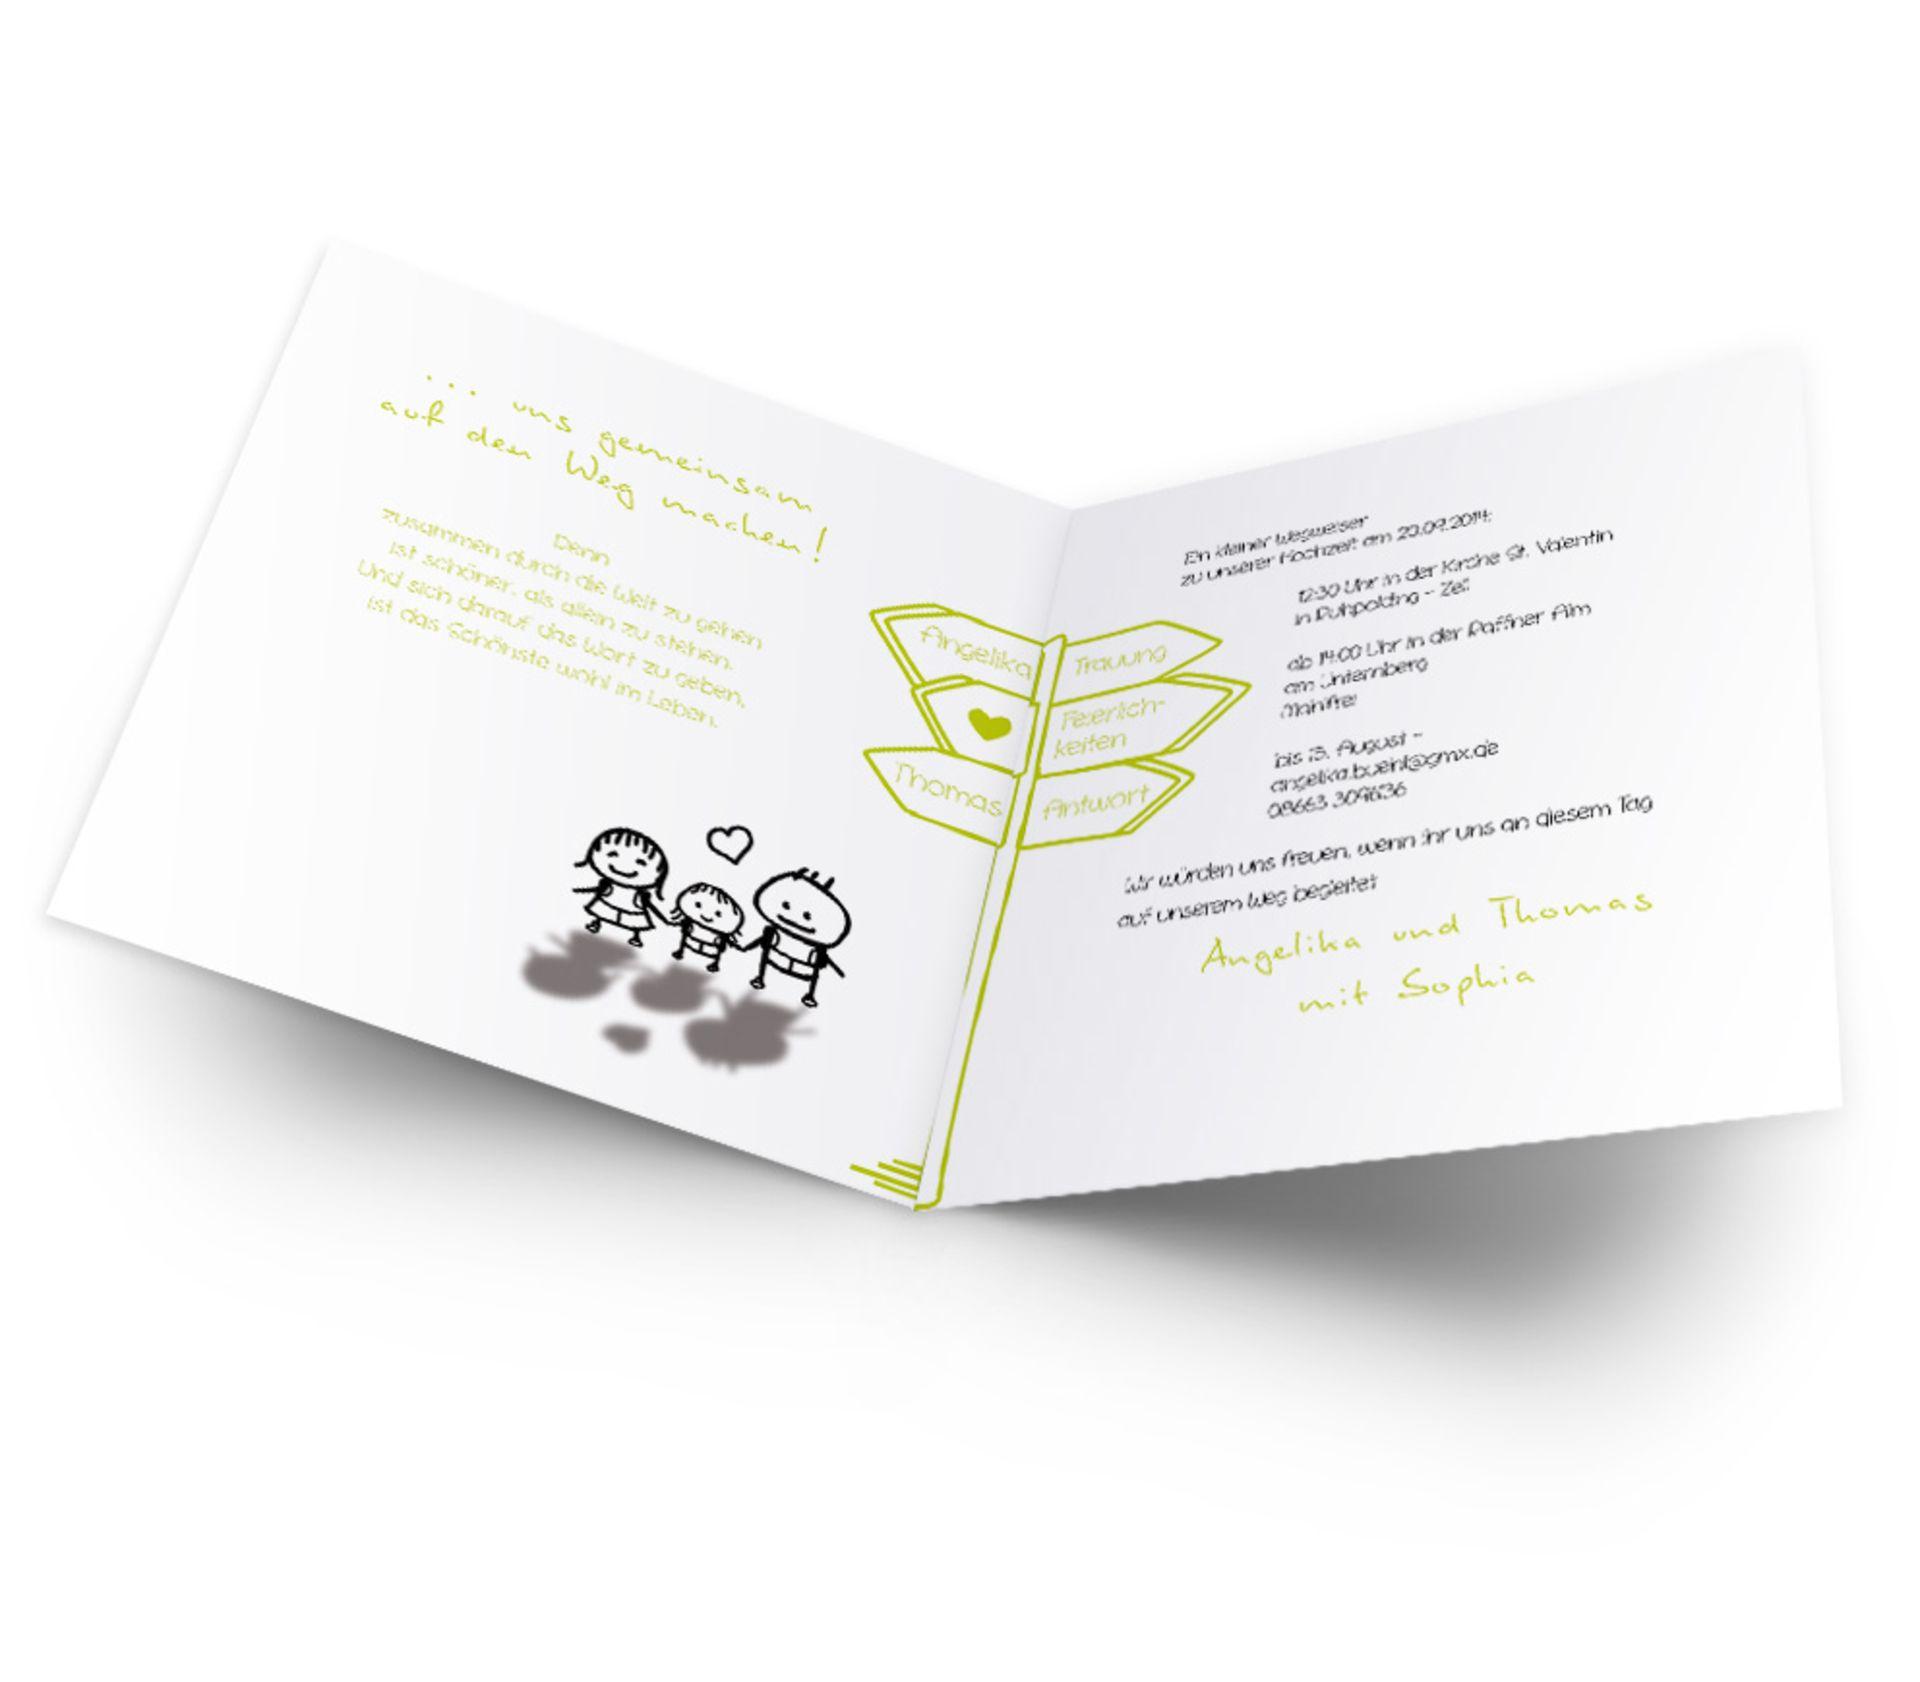 Schön Ausschlaggebend Für Den Erfolg Einer Einladungskarte Zur Hochzeit Ist Neben  Dem Eigenen Hochzeitskartendesign Auch Die Passende